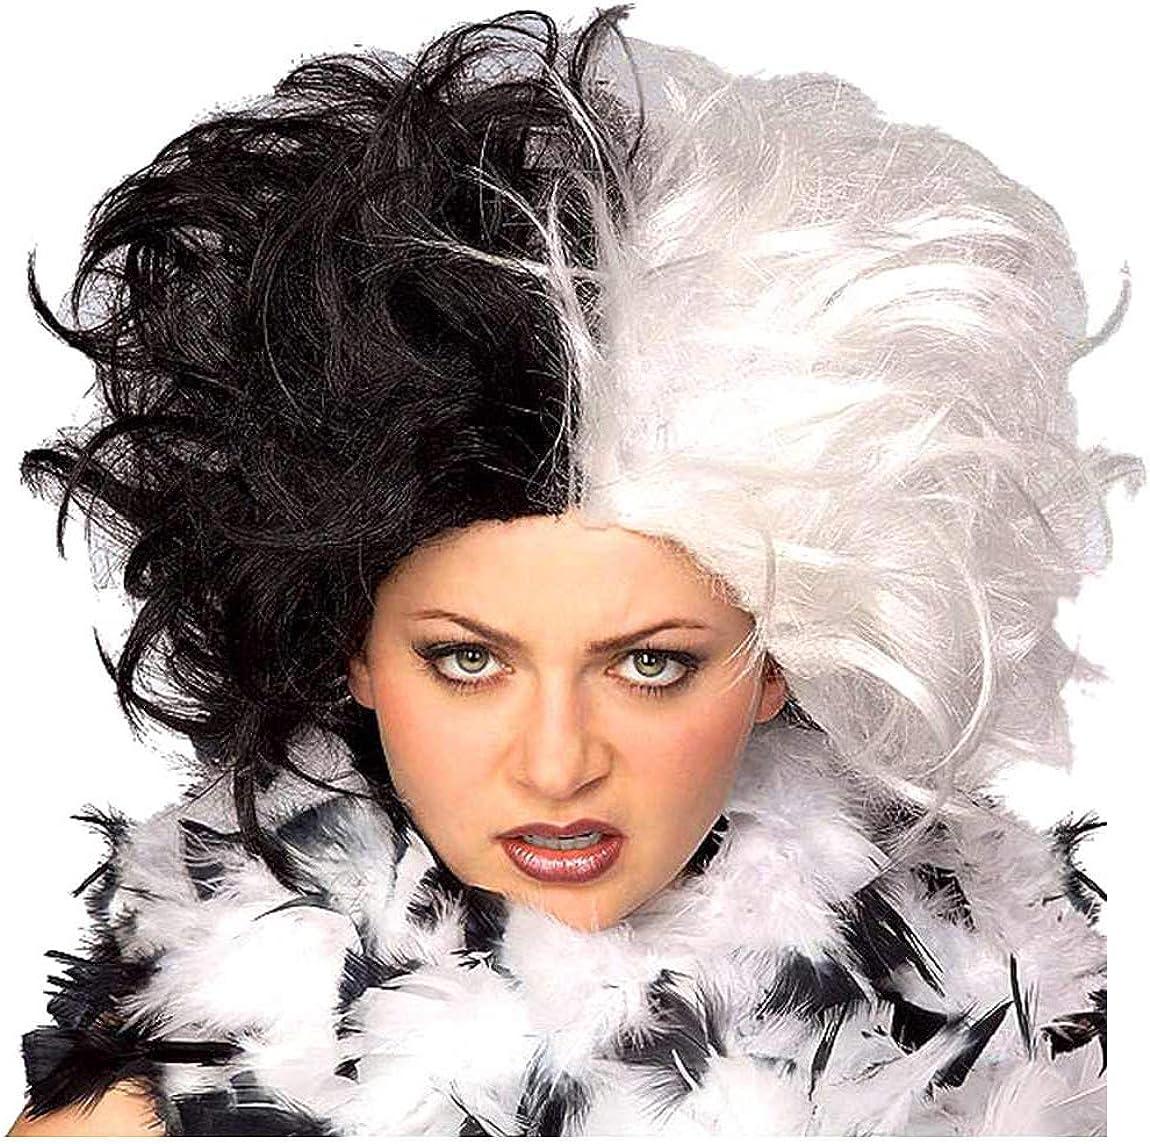 Evil Madame Wig Cruella De Vil 101 Dalmations Ladies Wigs Costume Accessories